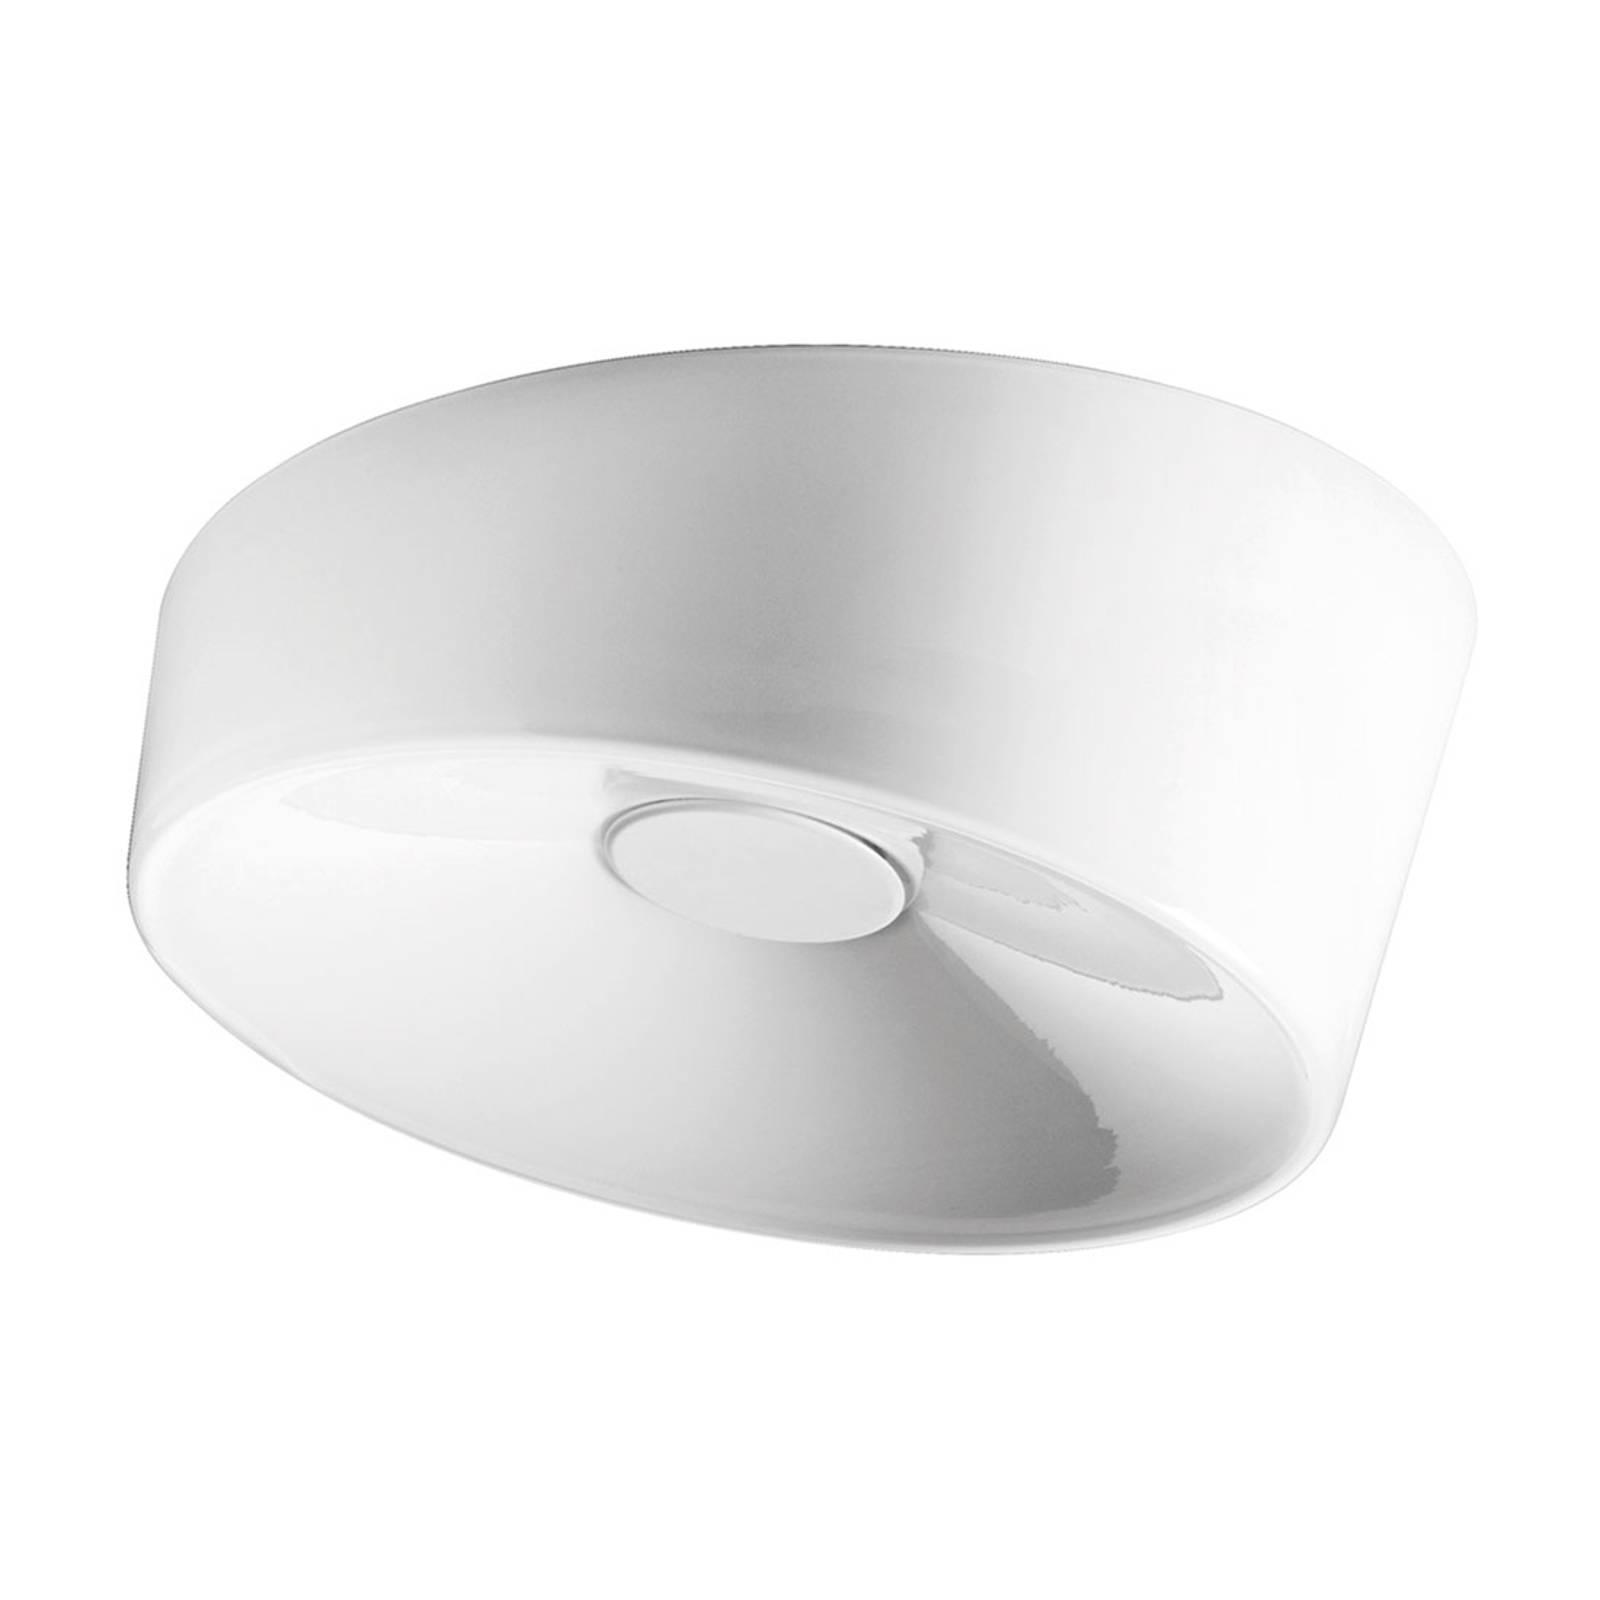 Foscarini Lumiere XXL plafoniera LED bianca